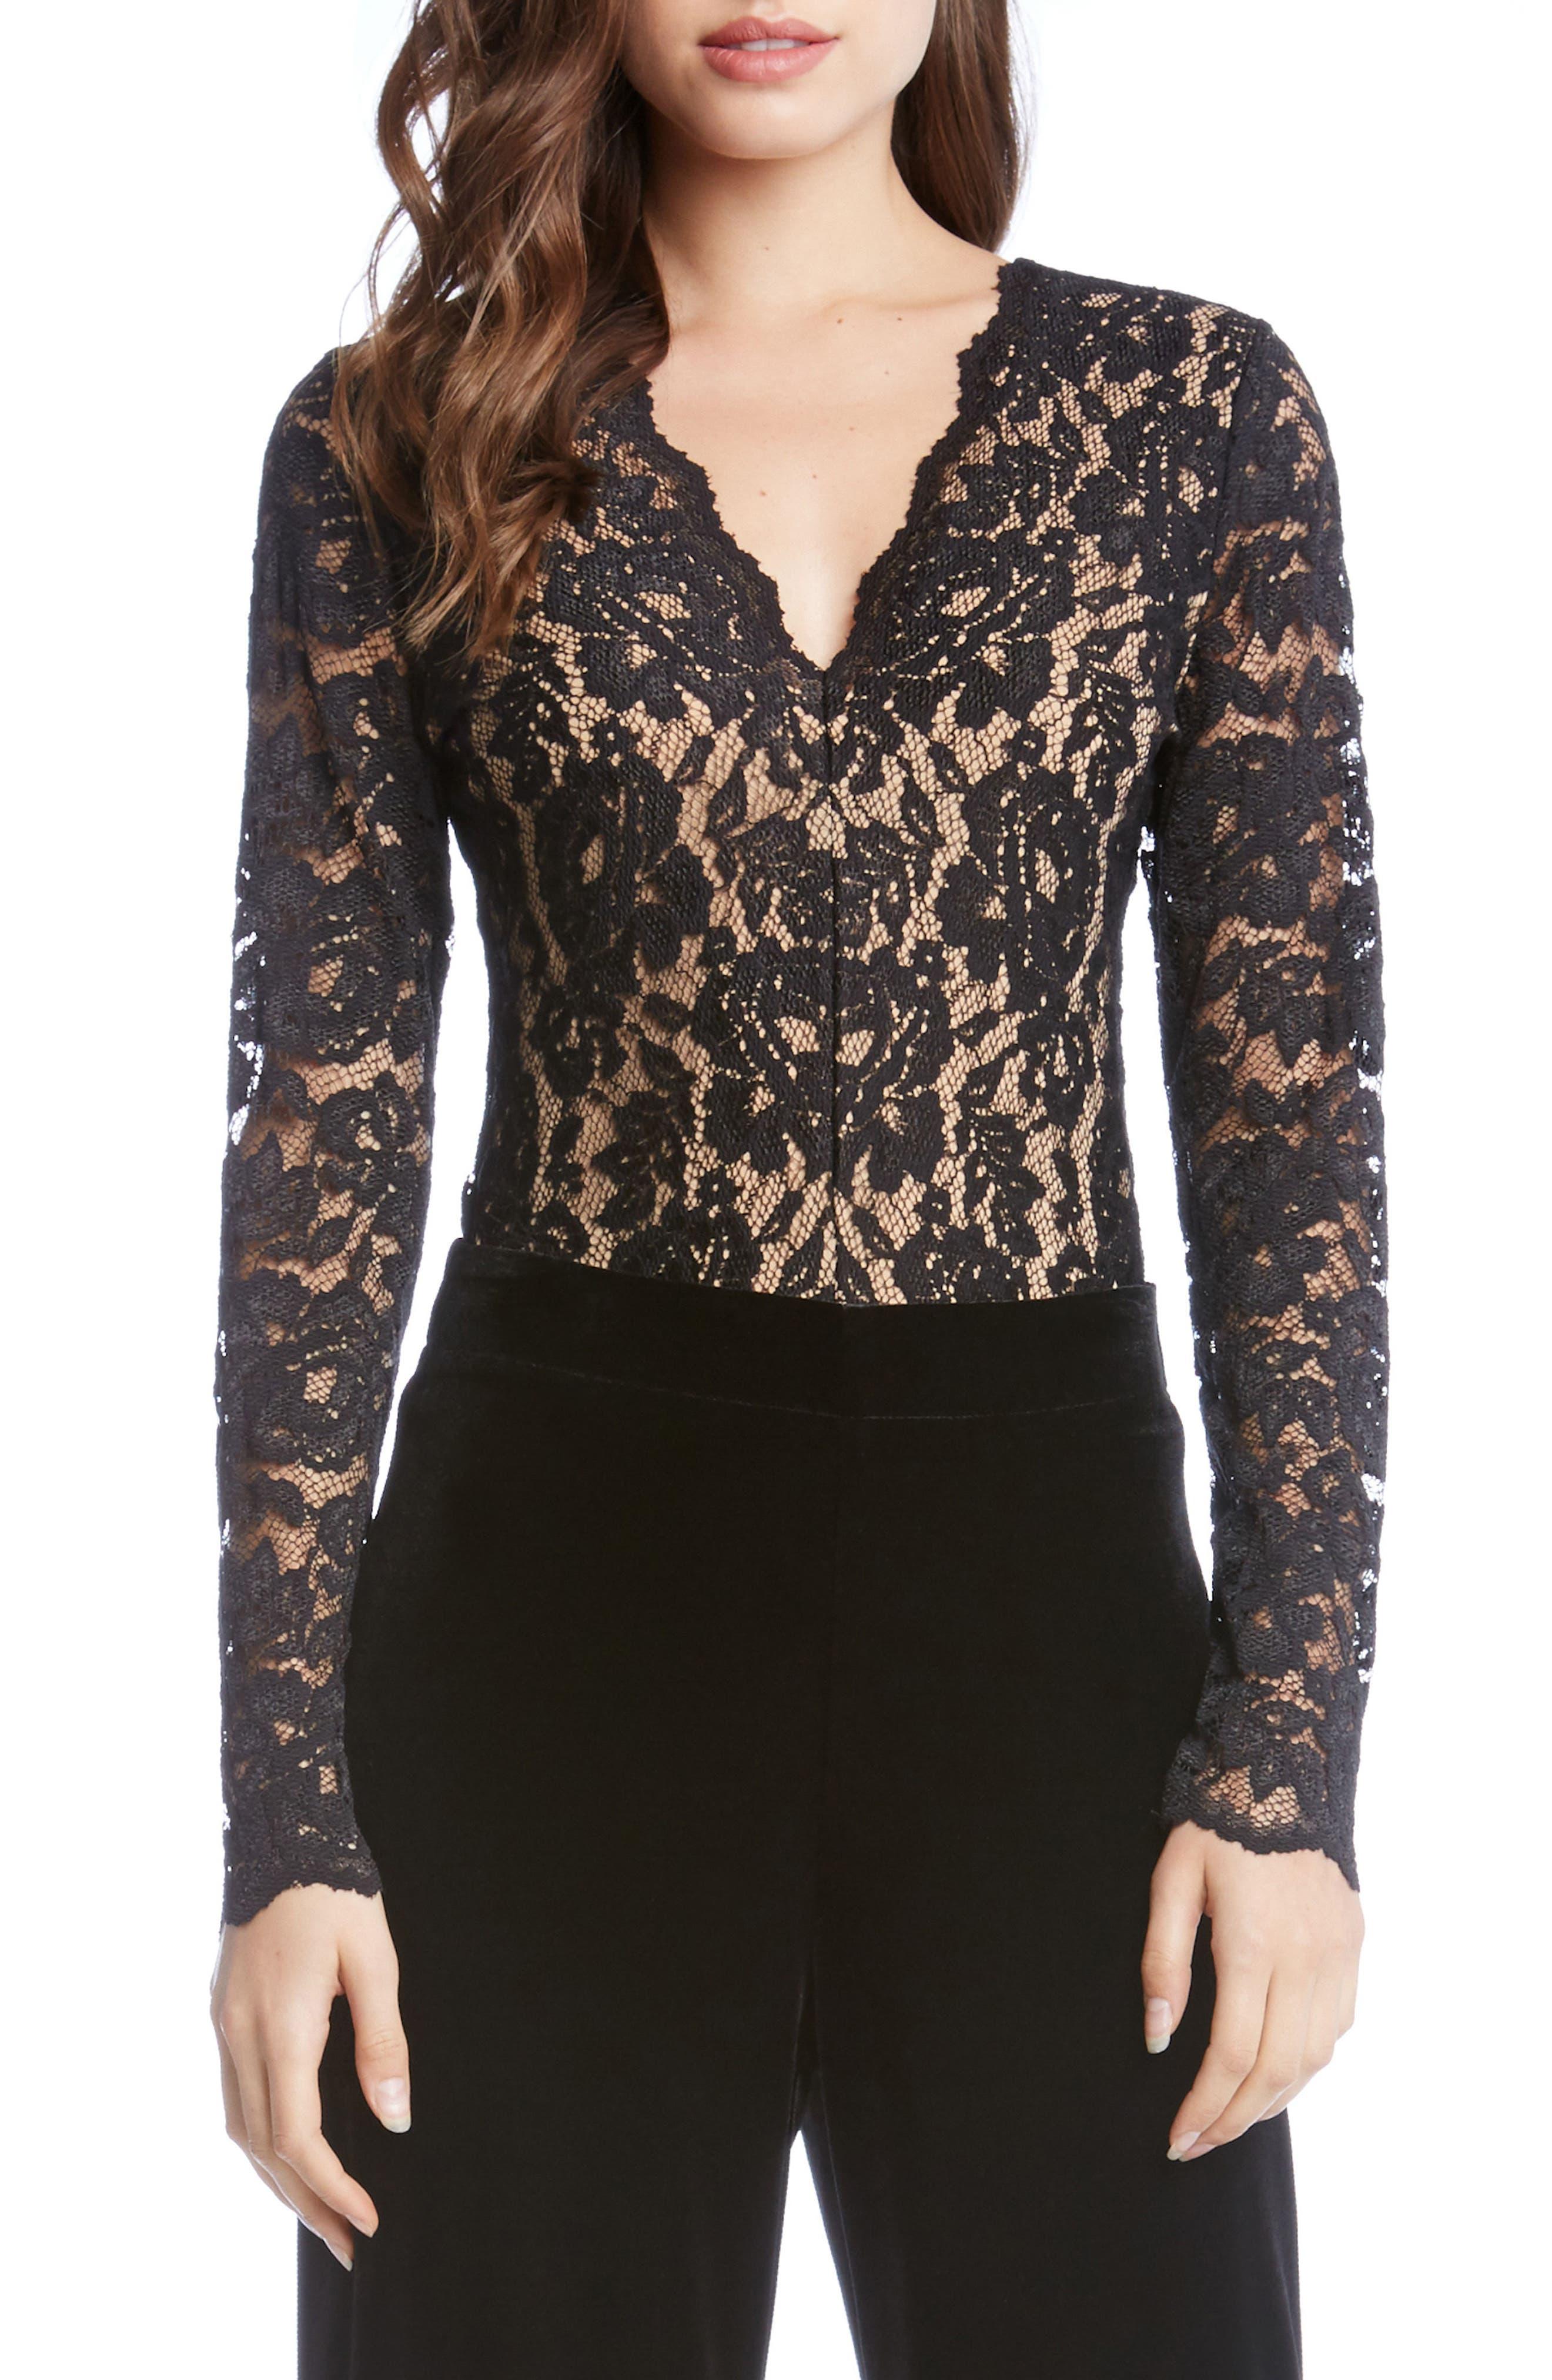 Main Image - Karen Kane Scallop Lace Bodysuit